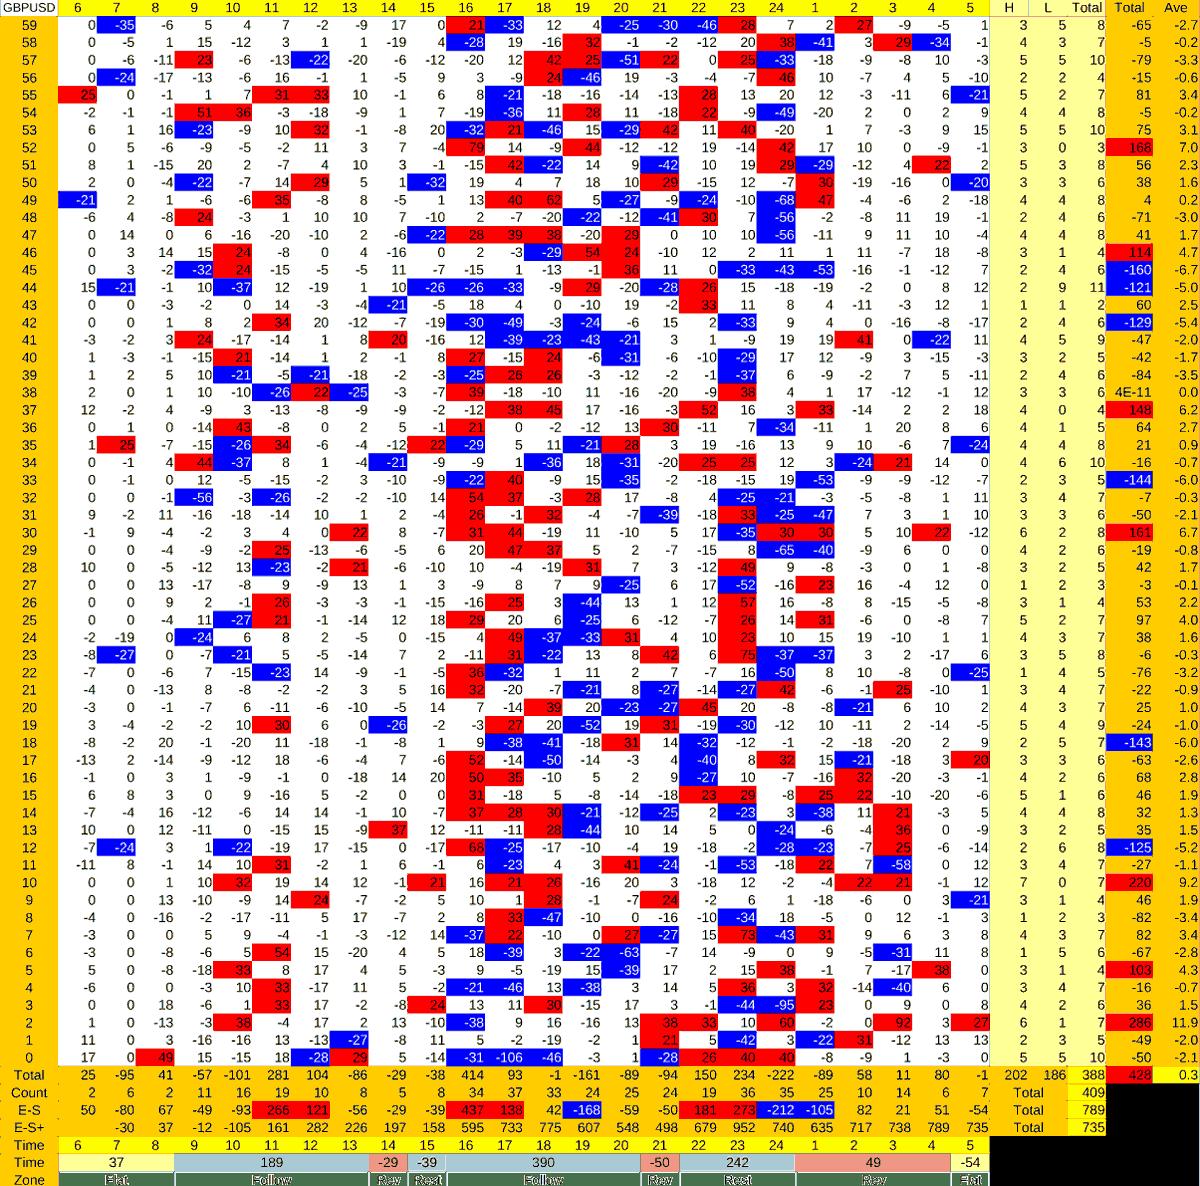 20210309_HS(2)GBPUSD